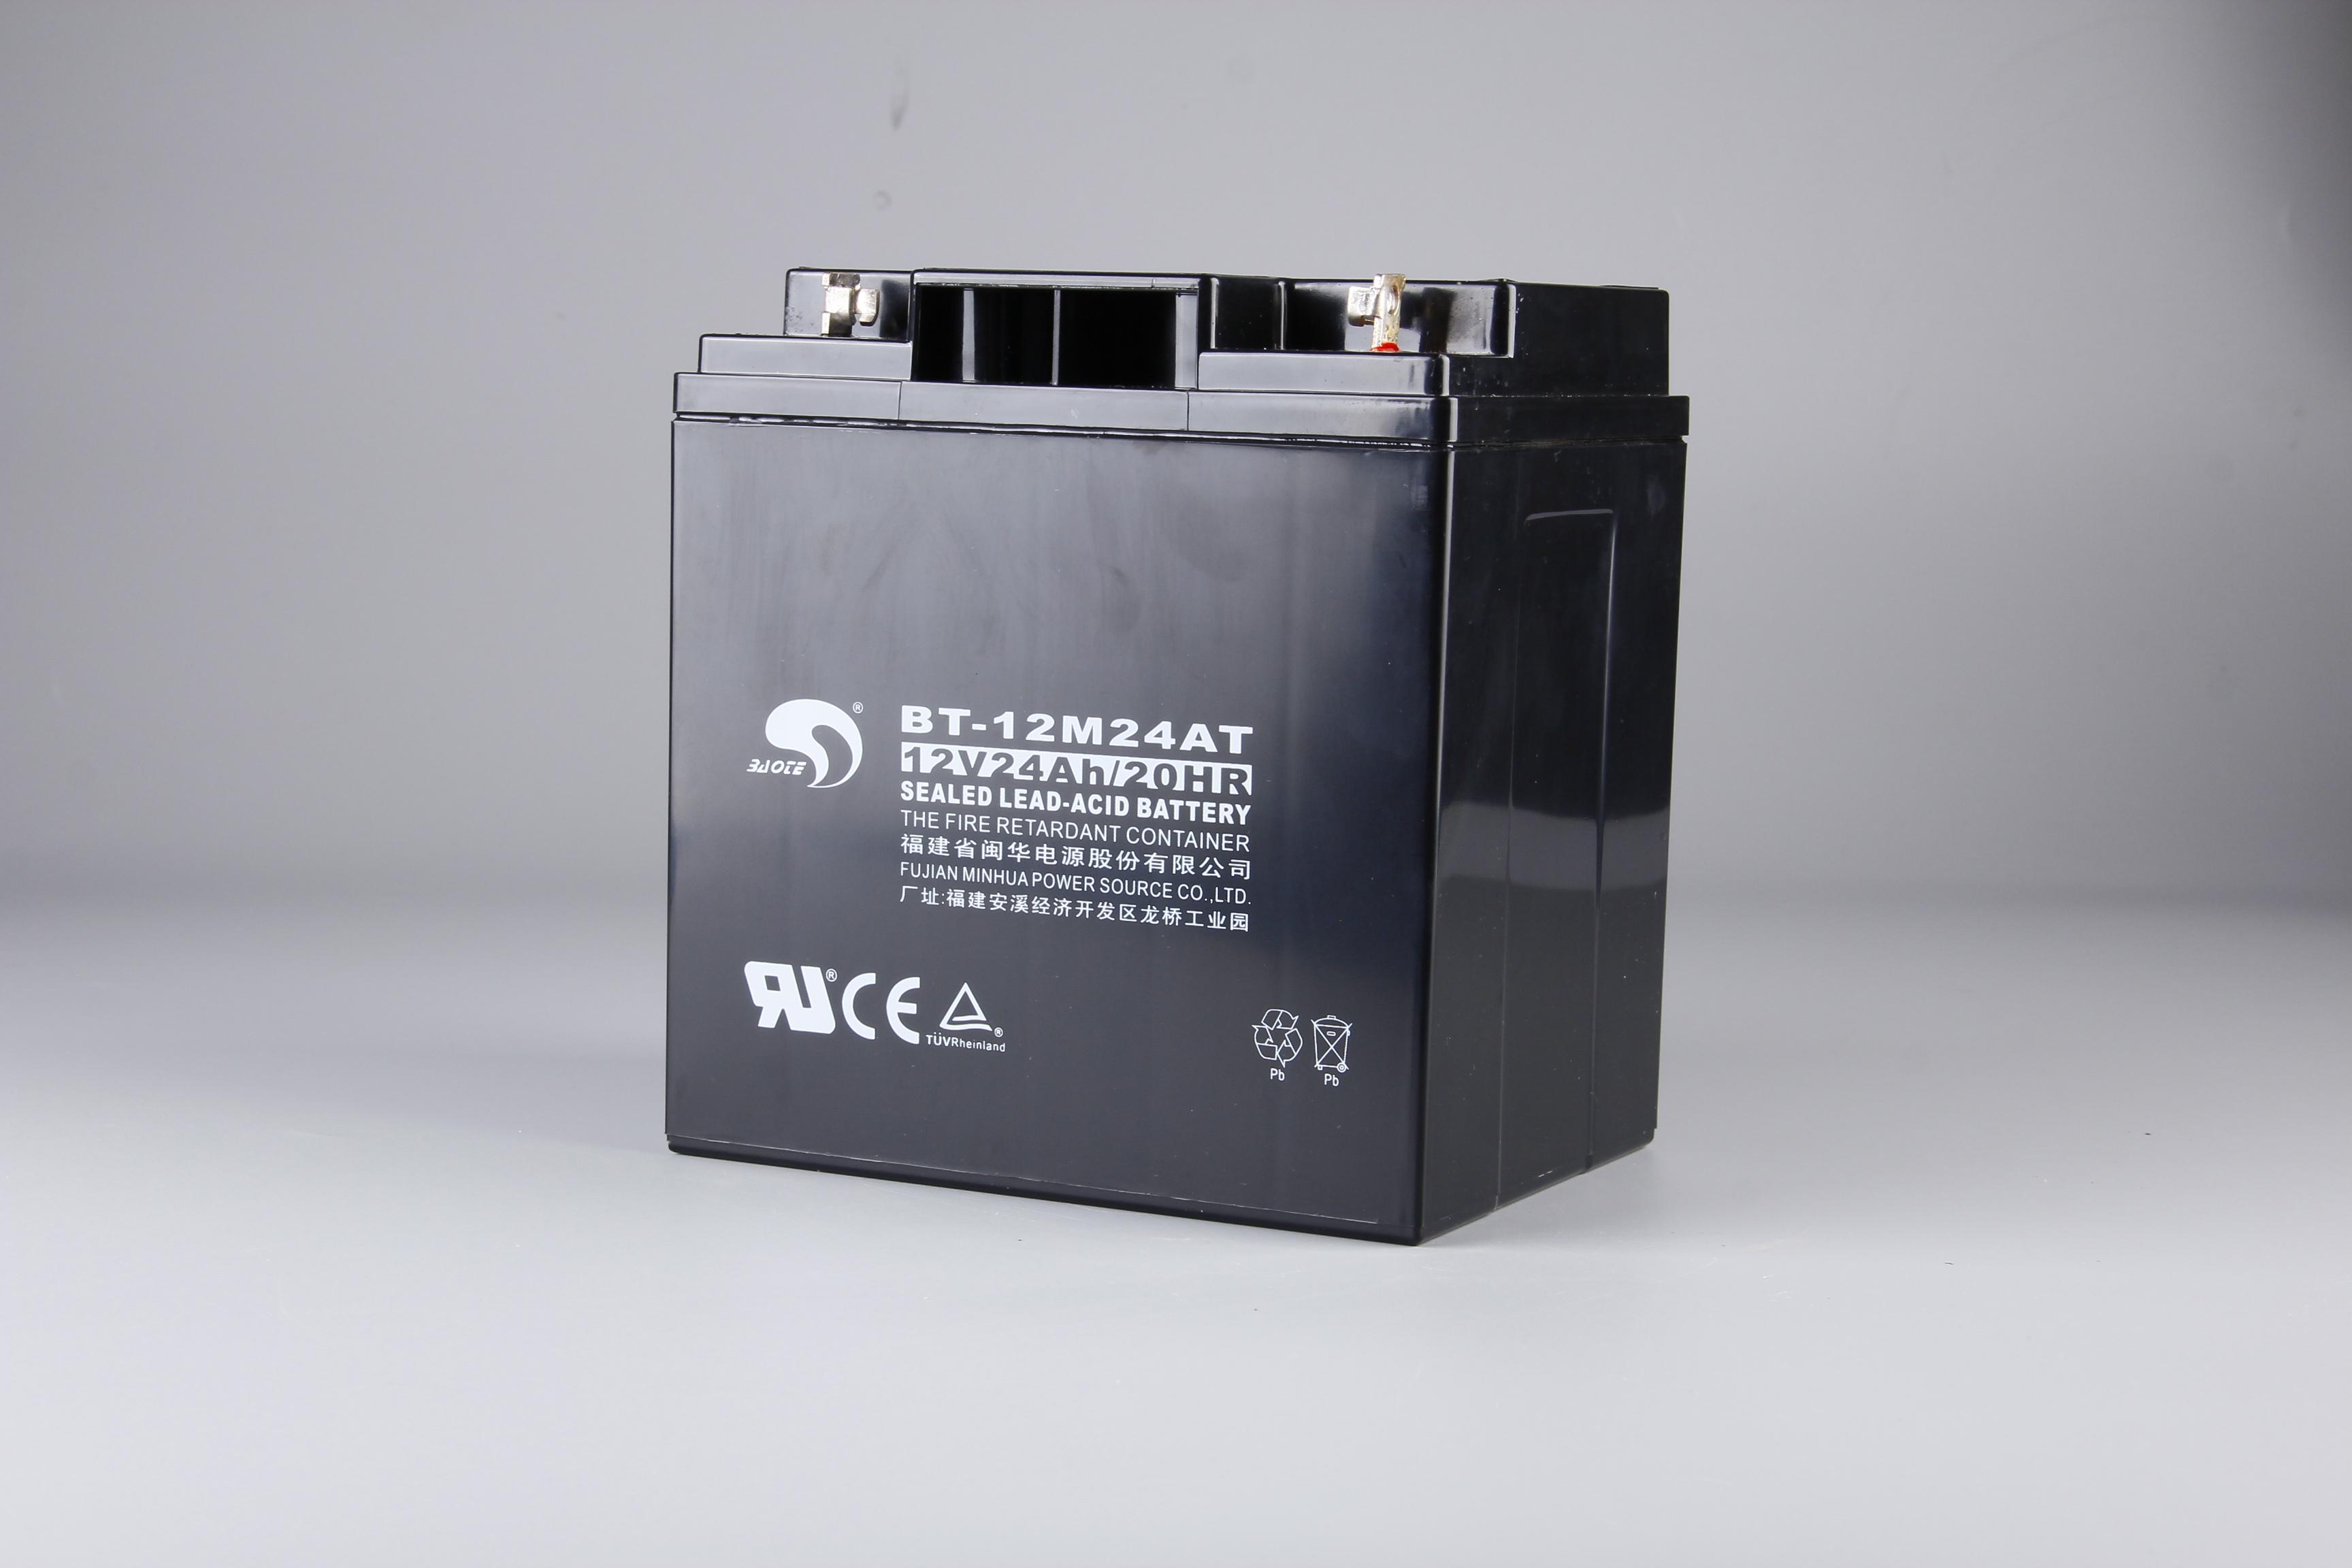 海湾牌正品 24AH/12V 蓄电池GST5000GST200海湾主机专用正品现货